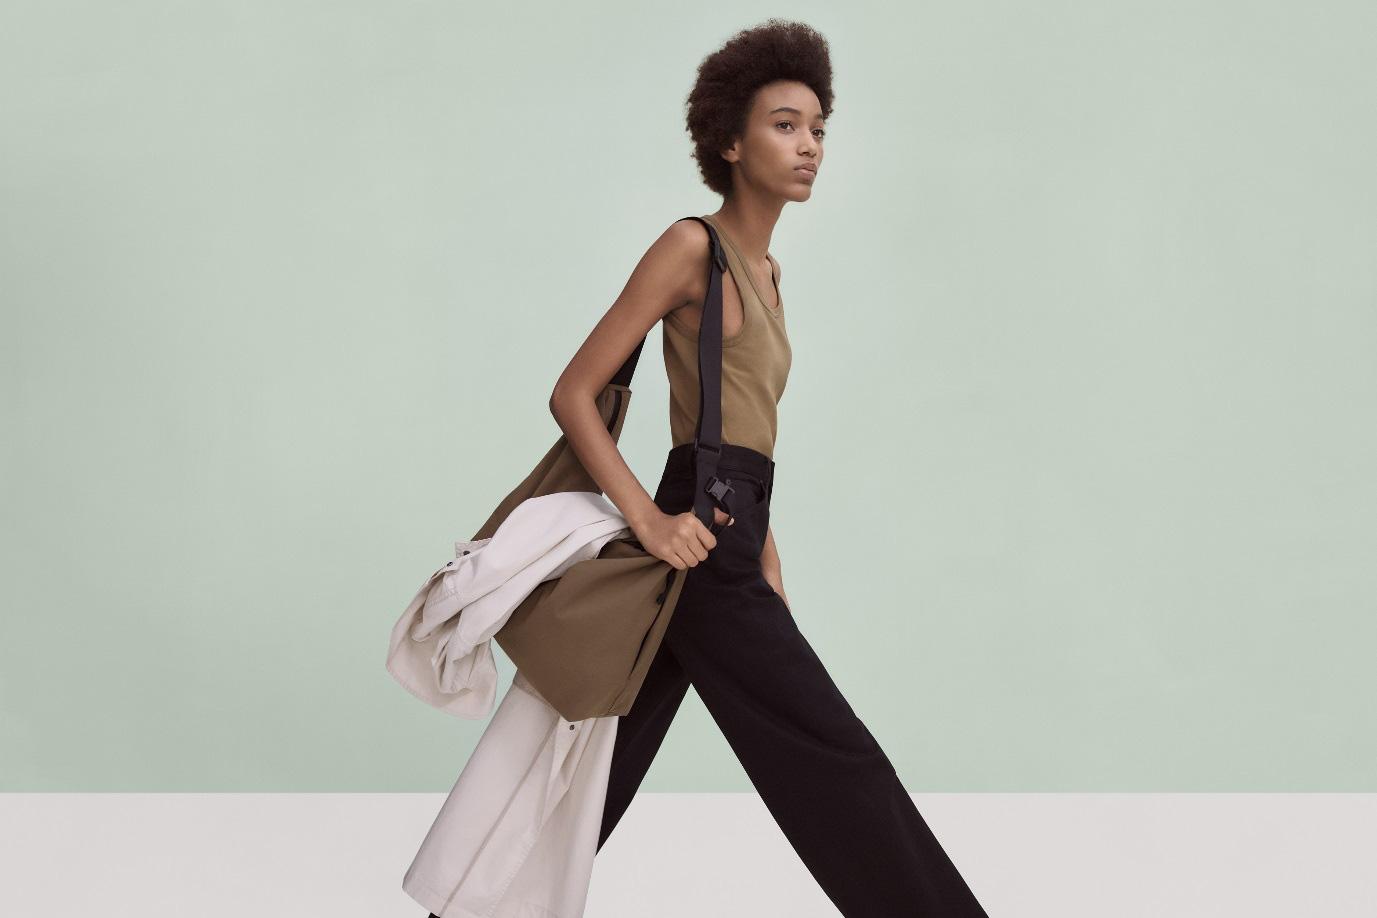 Góc nhìn mới về thời trang từ những trang phục thiết yếu cùng Christophe Lemaire và UNIQLO U - Ảnh 2.